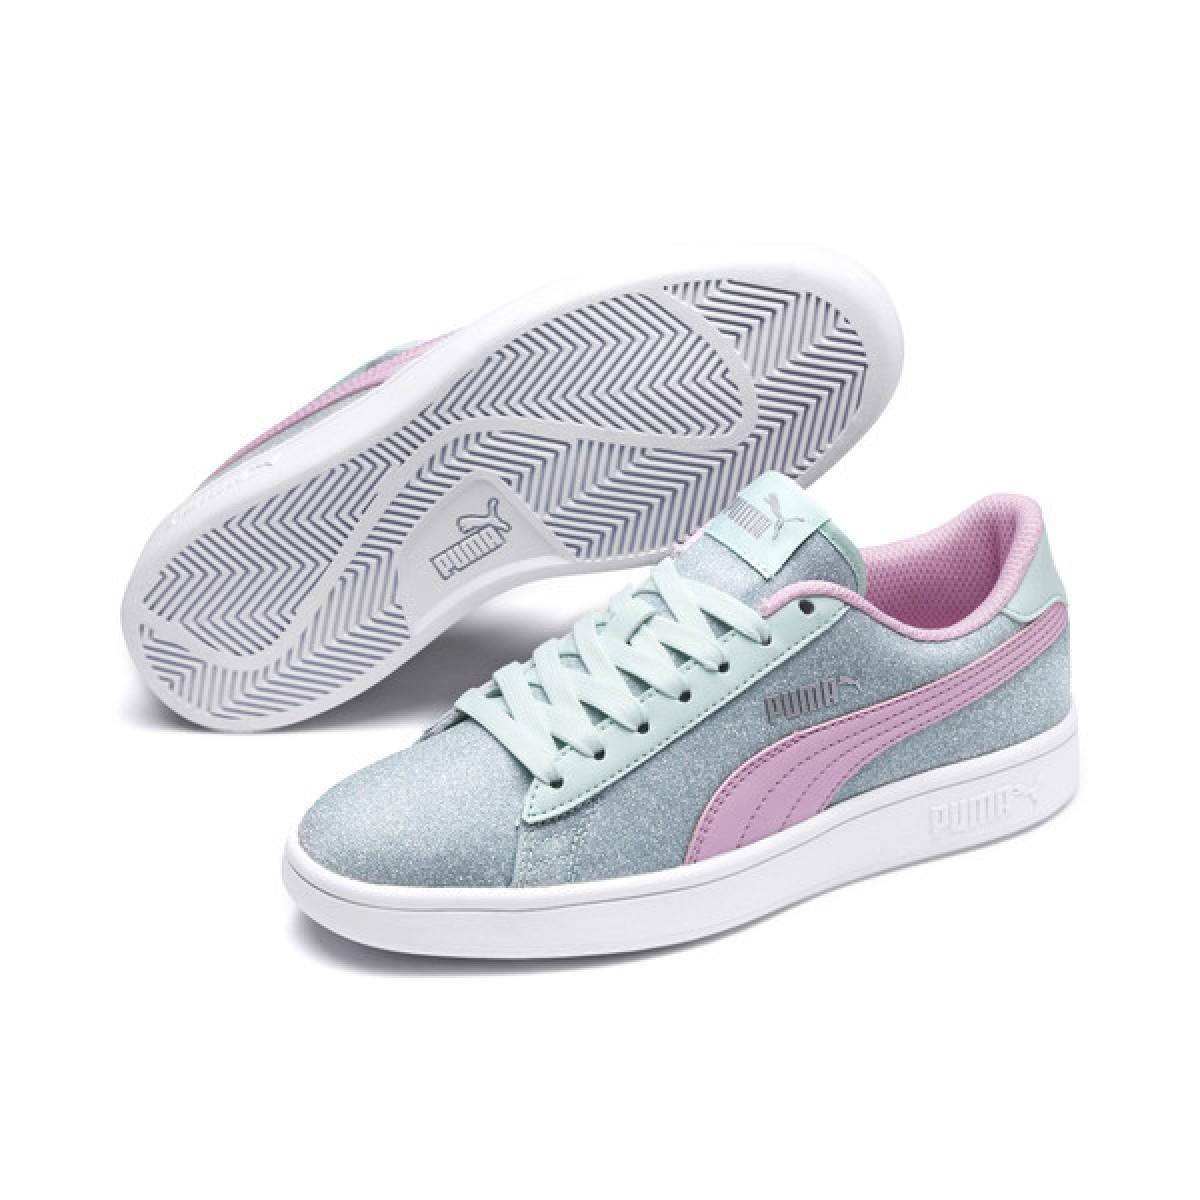 Puma Smash v2 Glitz Glam JR Sneakers